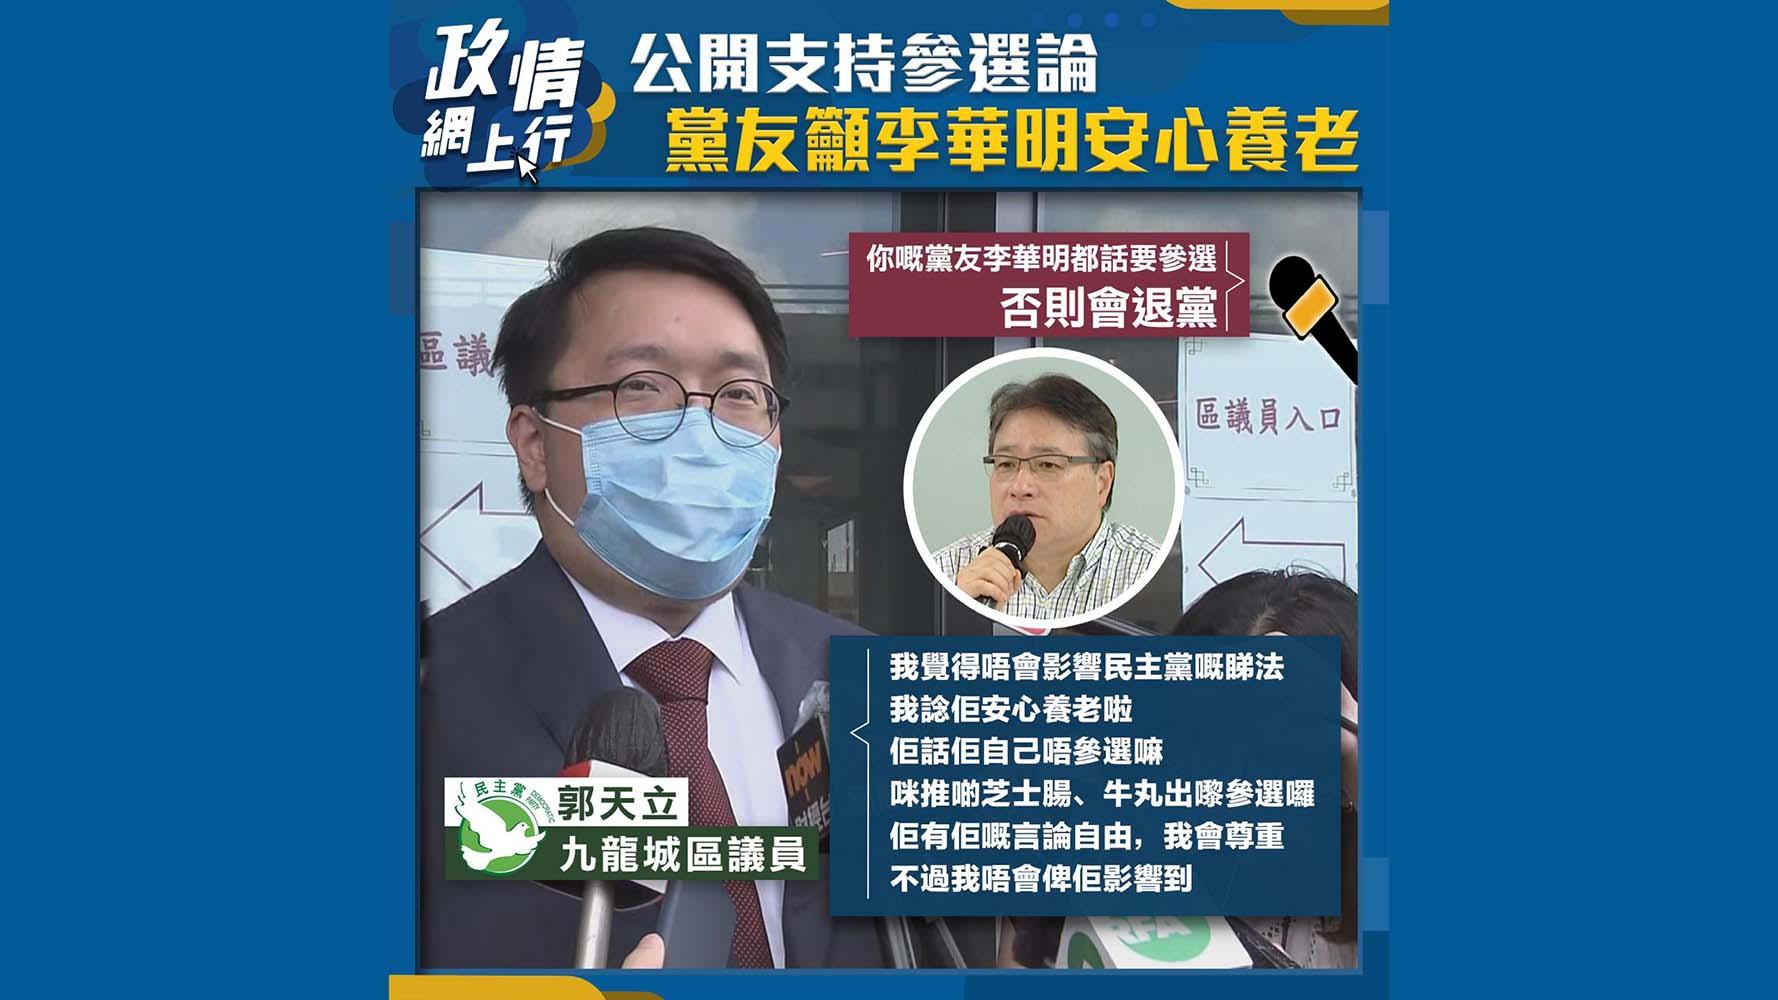 【政情網上行】公開支持參選論 黨友籲李華明安心養老